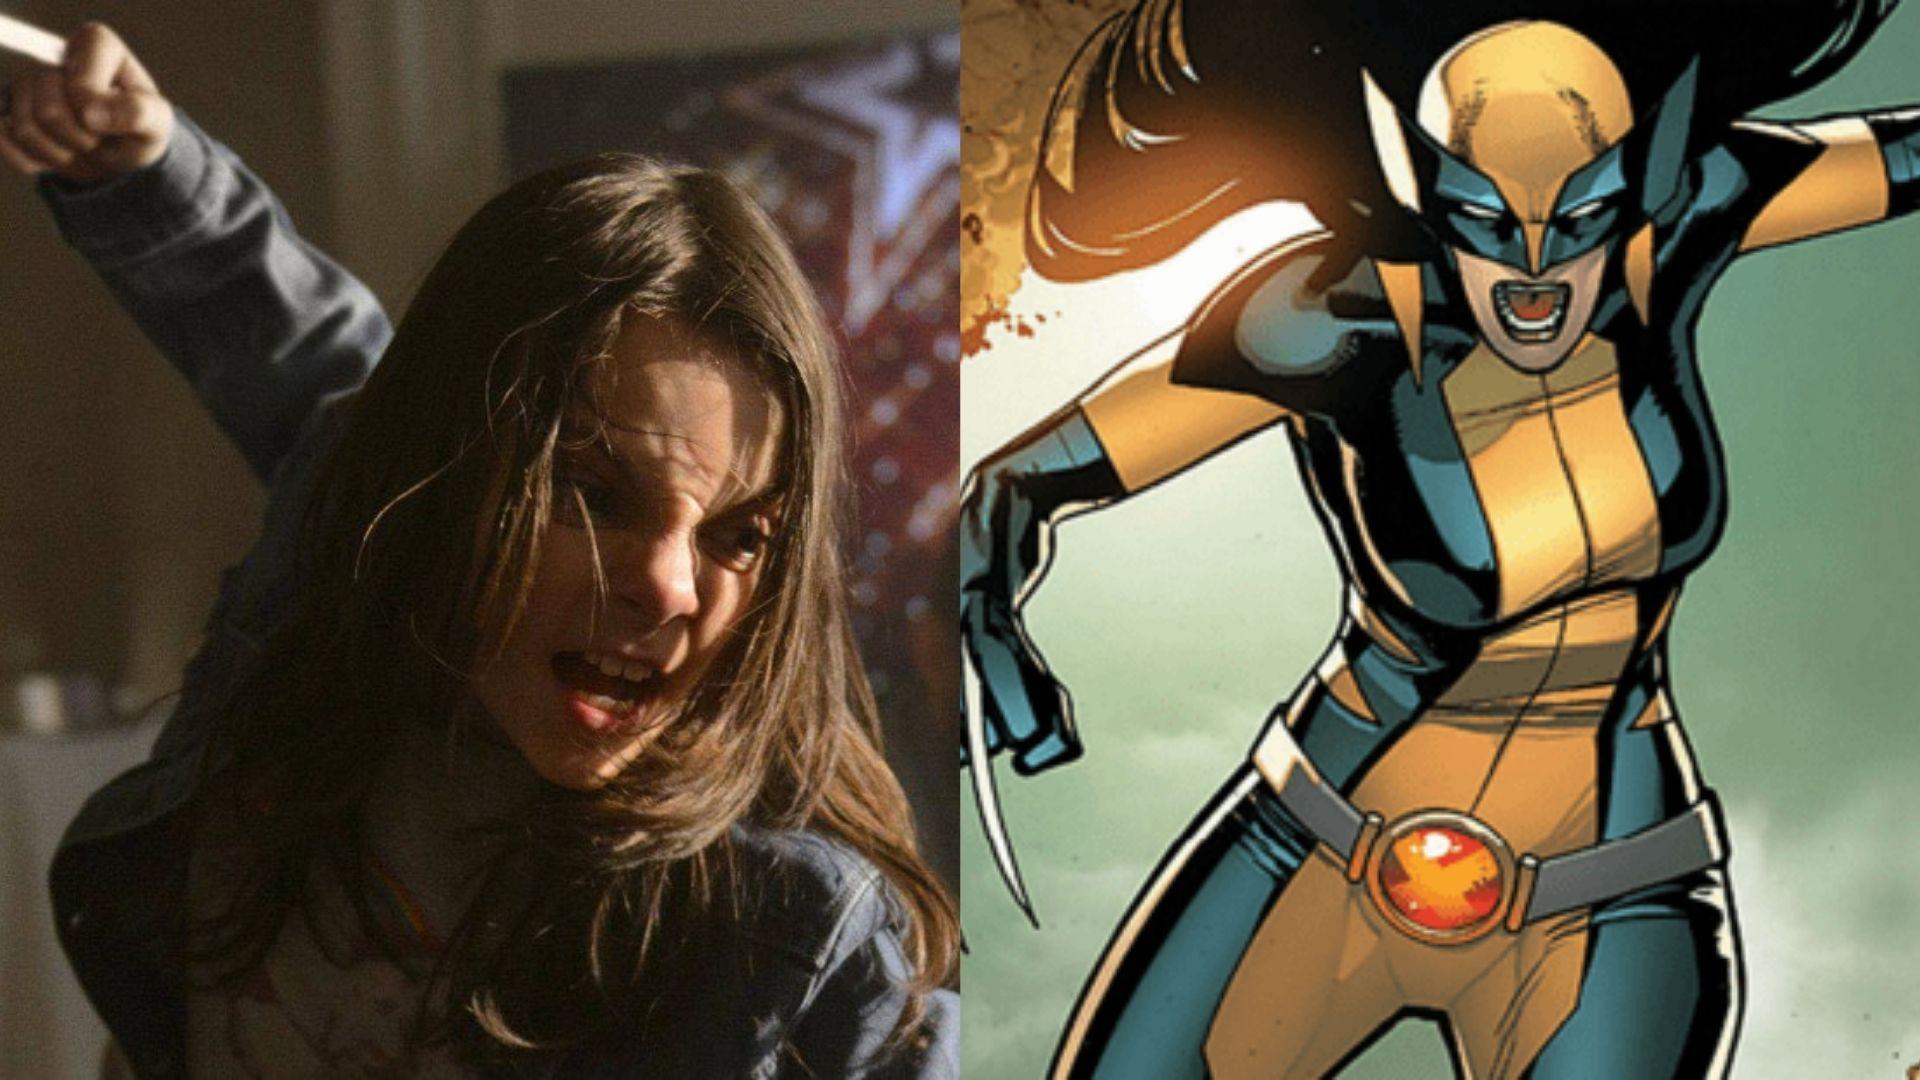 【X-メン】X-23(ローラ)の強さ・能力について解説!【マーベル原作】